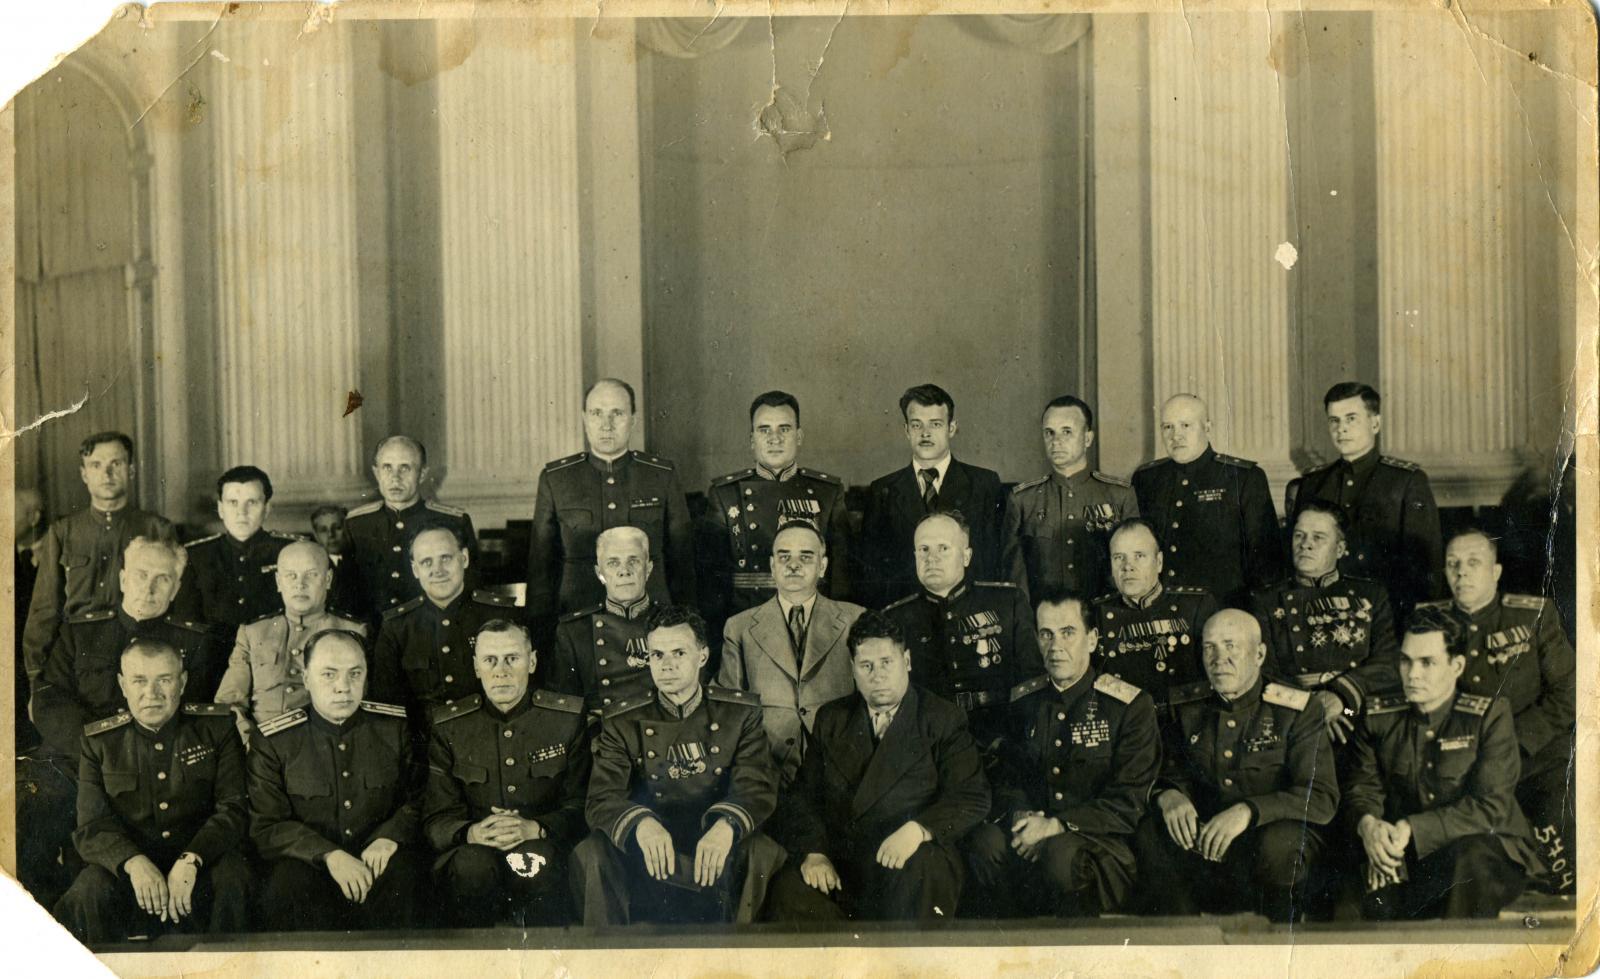 1948. Председатель Президиума Верховного Совета СССР Н.М.Шверник (сидит во 2-м ряду в центре) среди награжденных генералов и работников МГБ